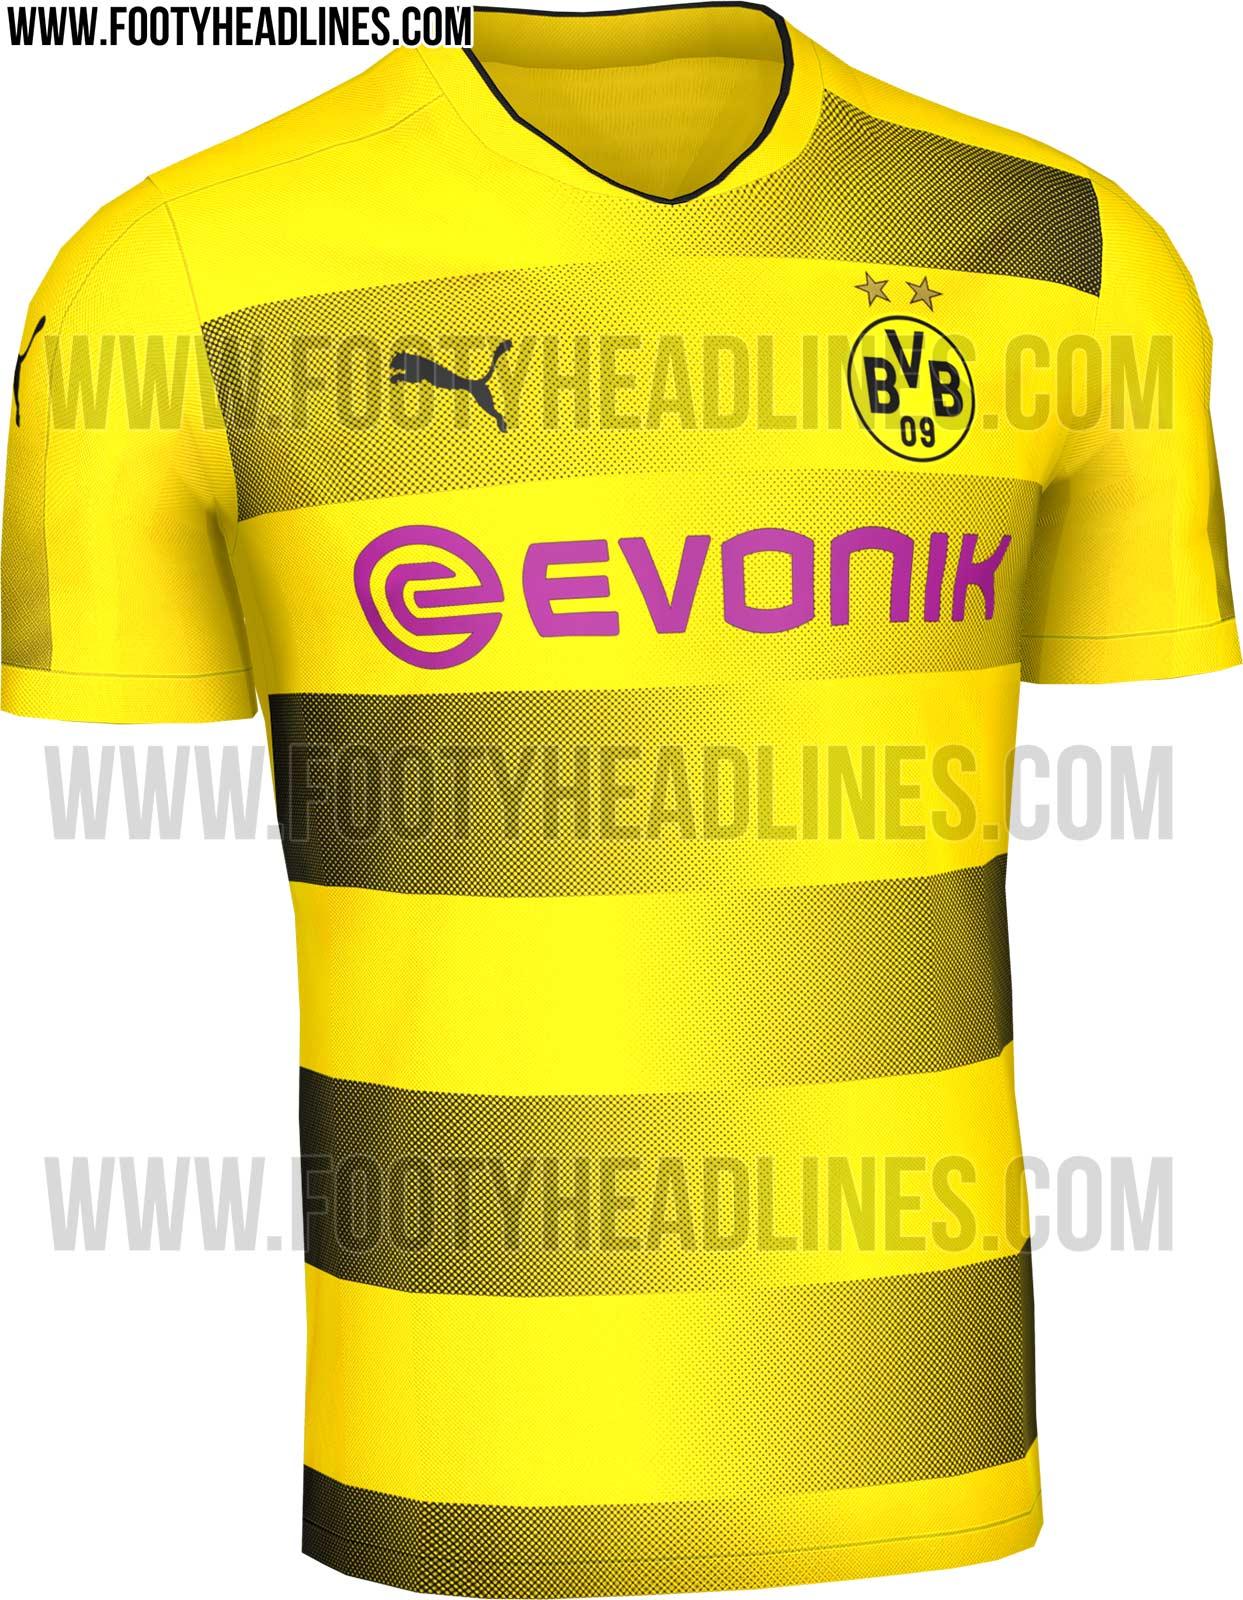 8db1467cfa068 Nova camisa do Borussia Dortmund deverá ter faixas pretas na horizontal em  degradê